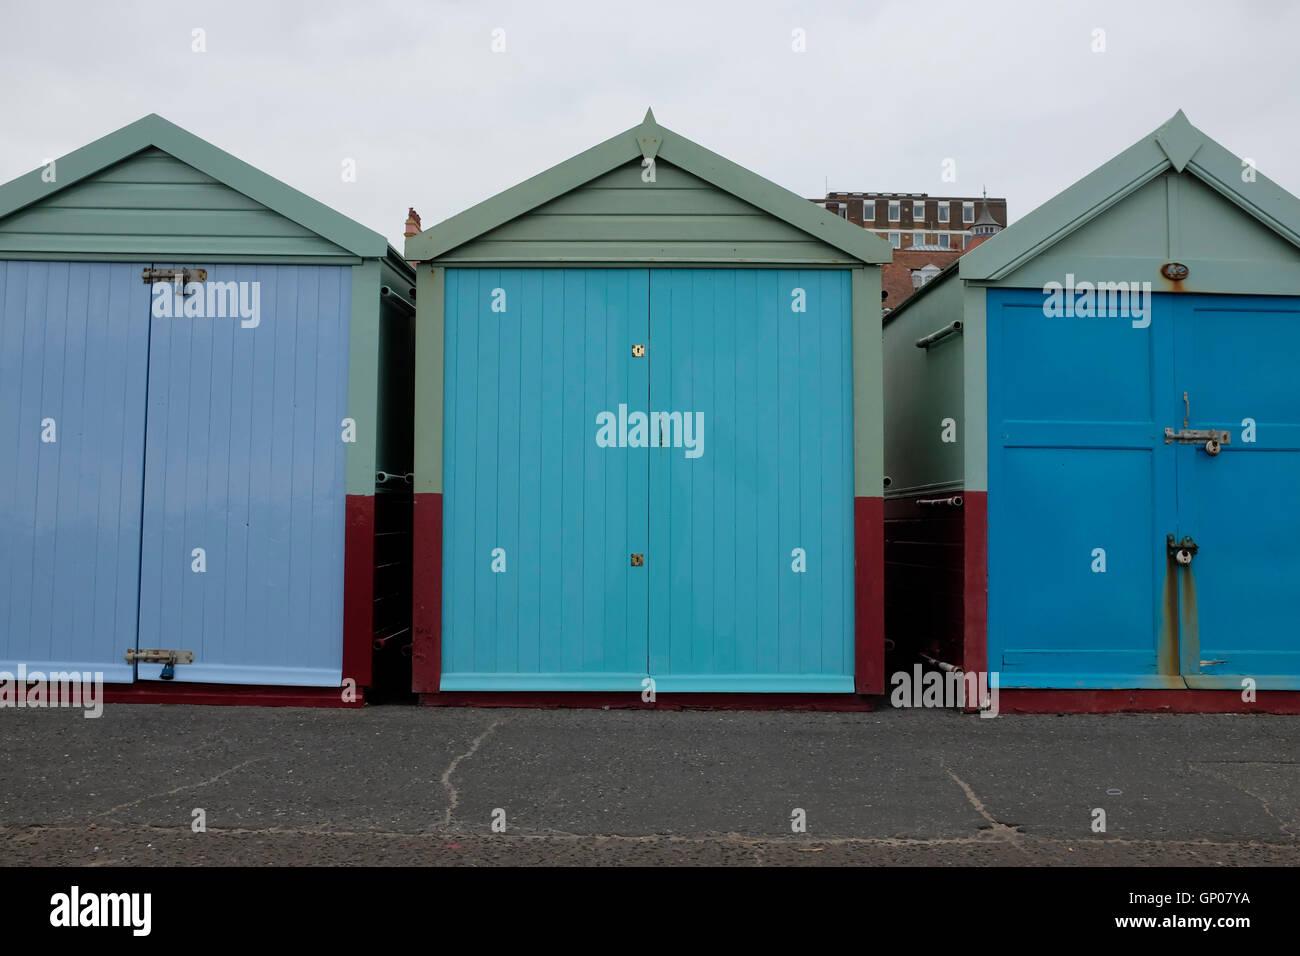 Beach huts in Hove, near Brighton, UK - Stock Image